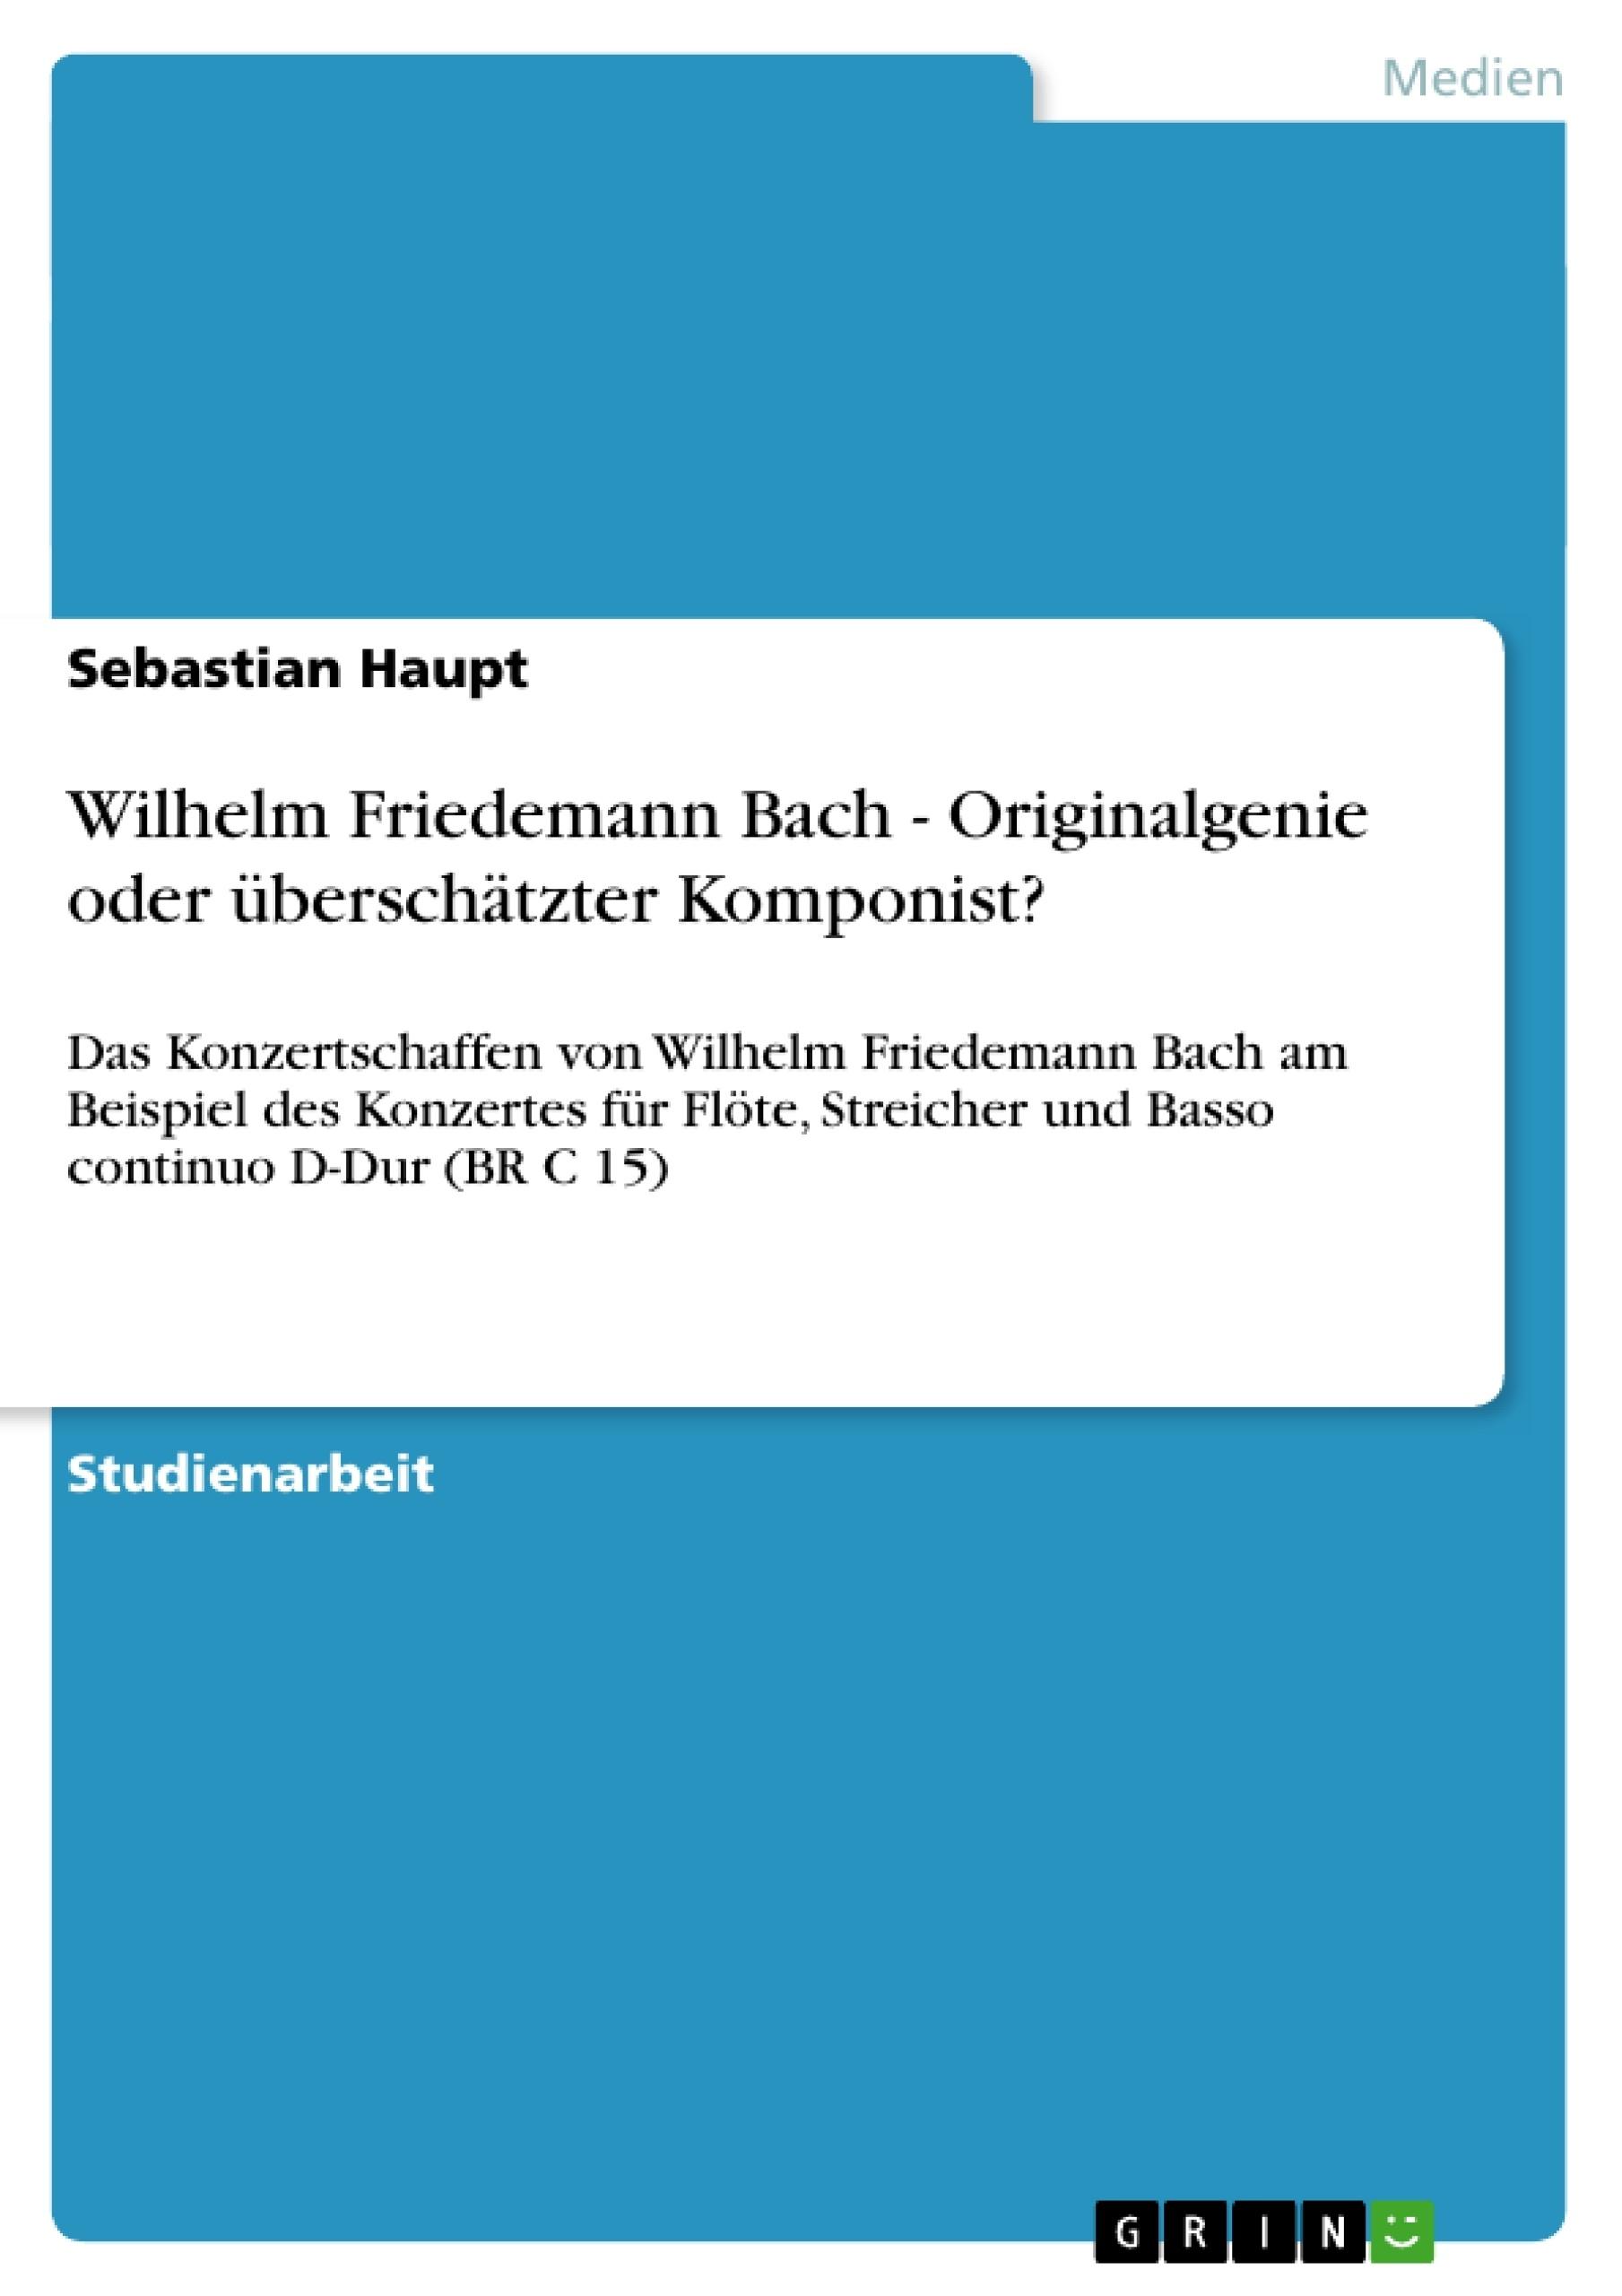 Titel: Wilhelm Friedemann Bach - Originalgenie oder überschätzter Komponist?